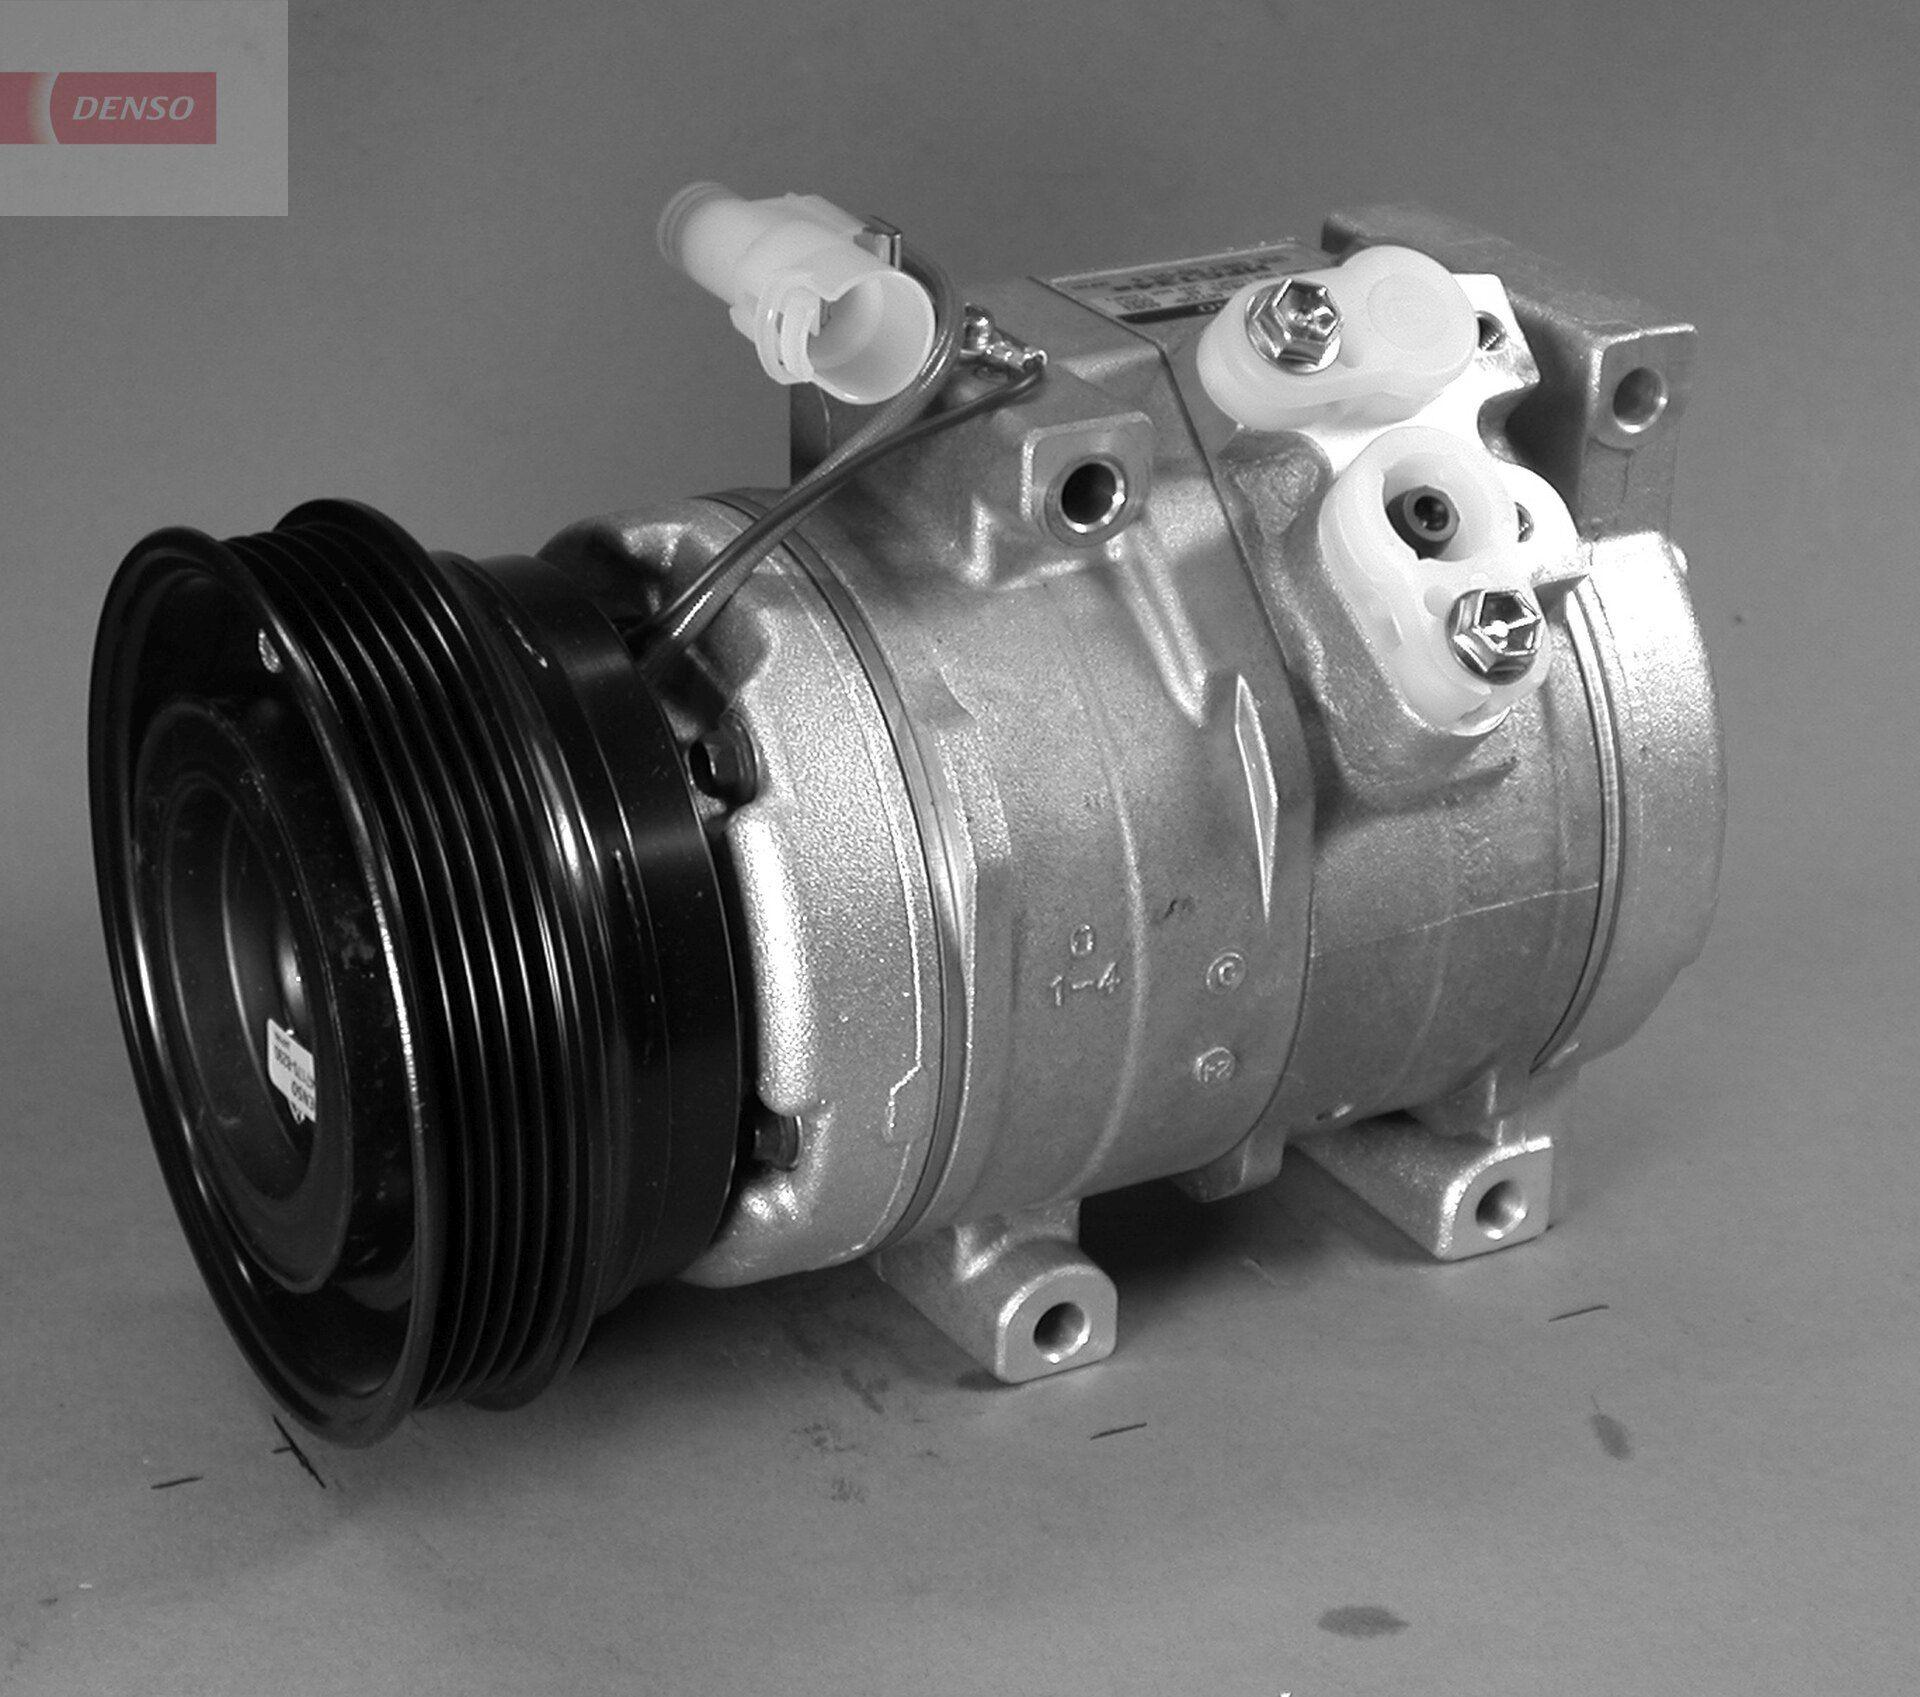 DCP14008 DENSO PAG 46, Kältemittel: R 134a Riemenscheiben-Ø: 120mm, Anzahl der Rillen: 5 Klimakompressor DCP14008 günstig kaufen